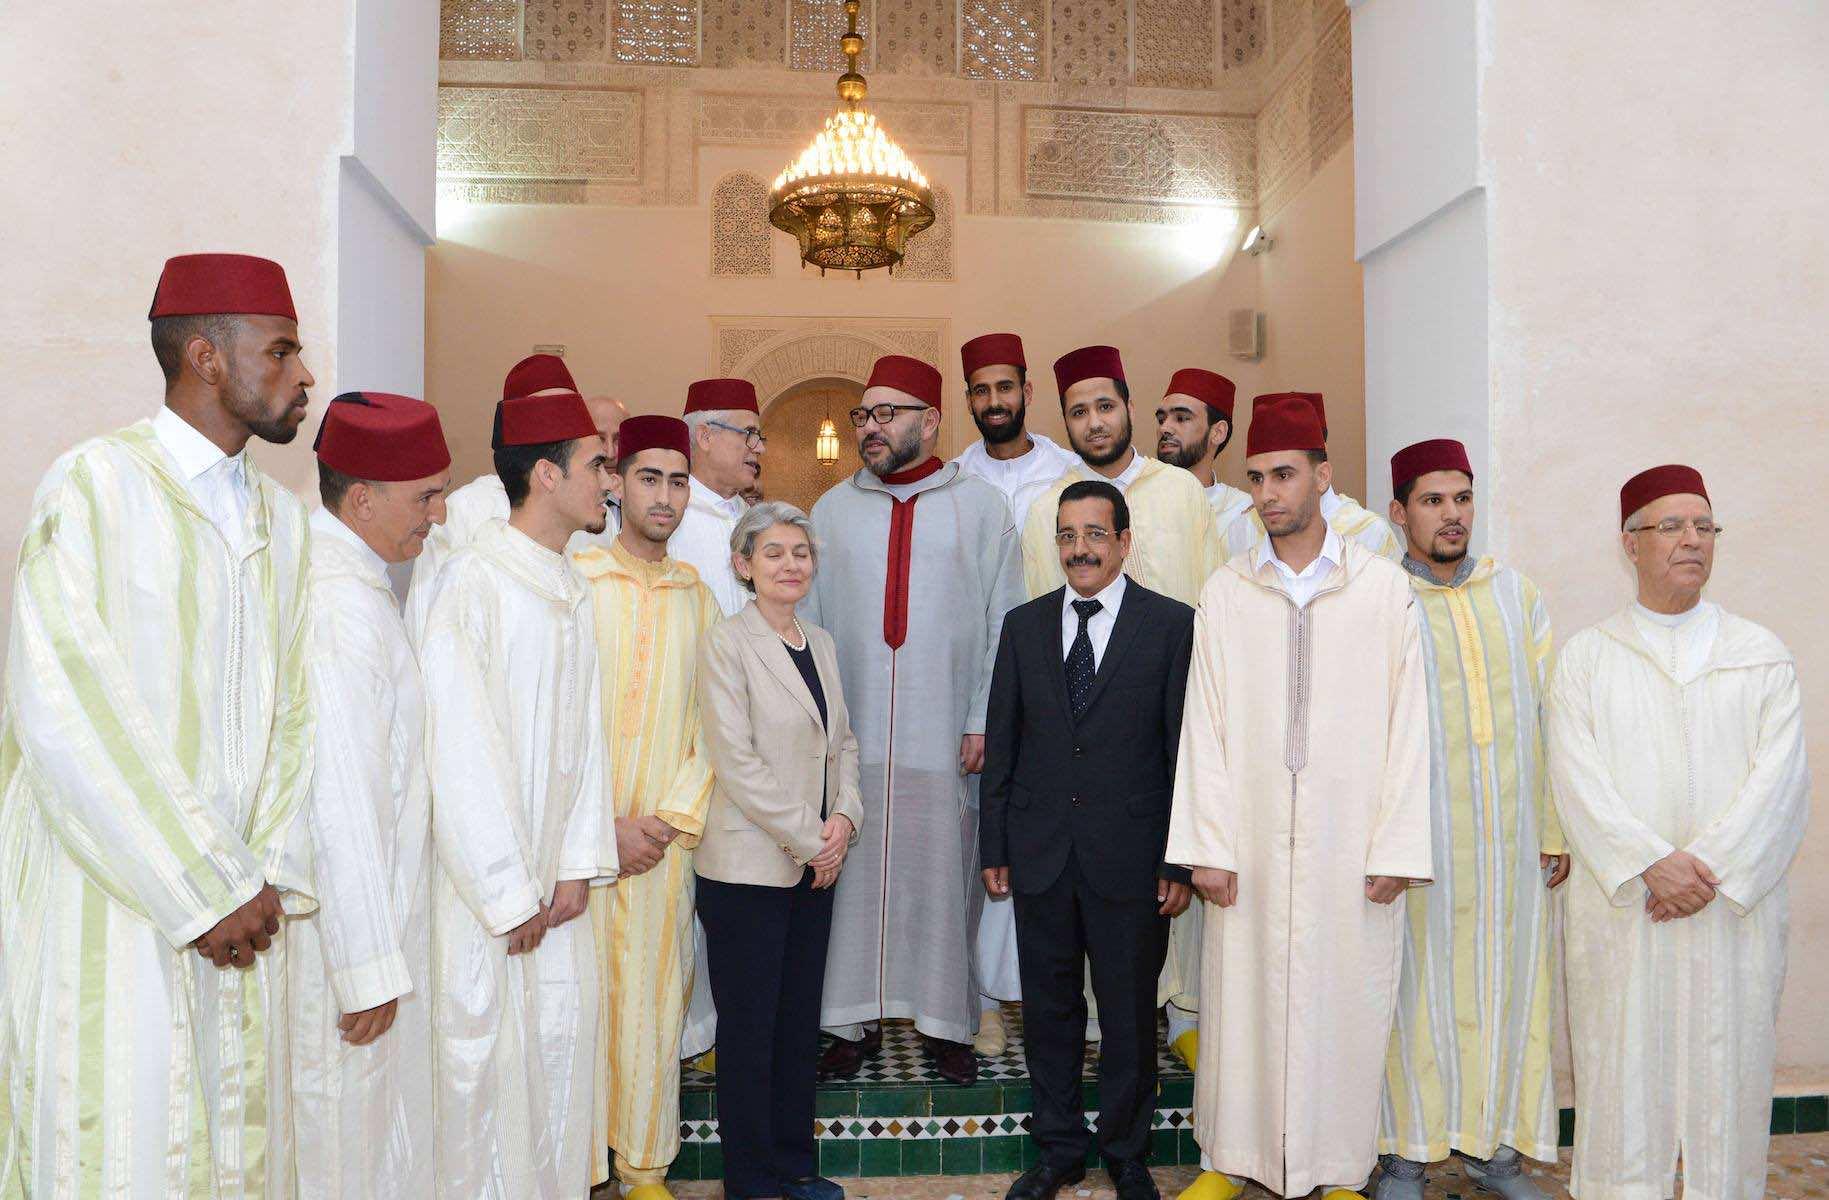 King Mohammed VI in Fez Medina